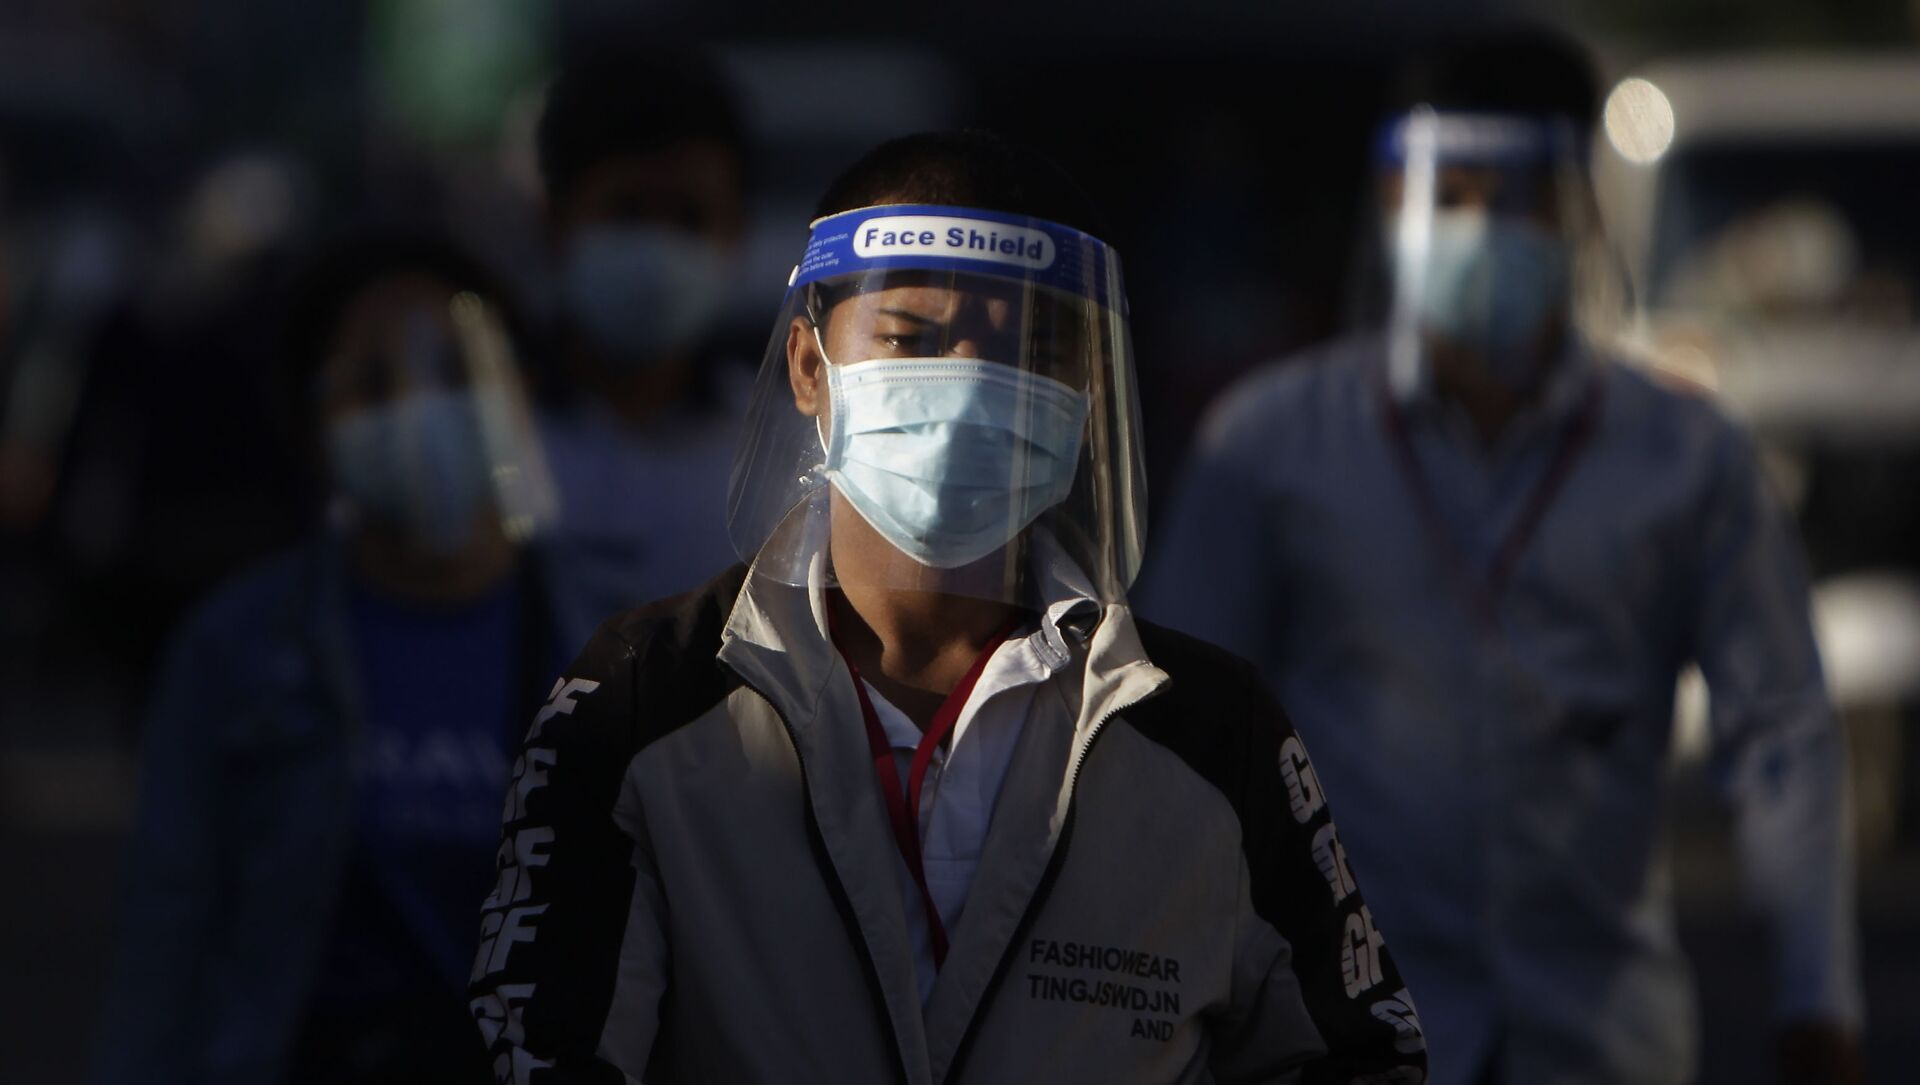 Persone con mascherine in Cambogia - Sputnik Italia, 1920, 11.05.2021